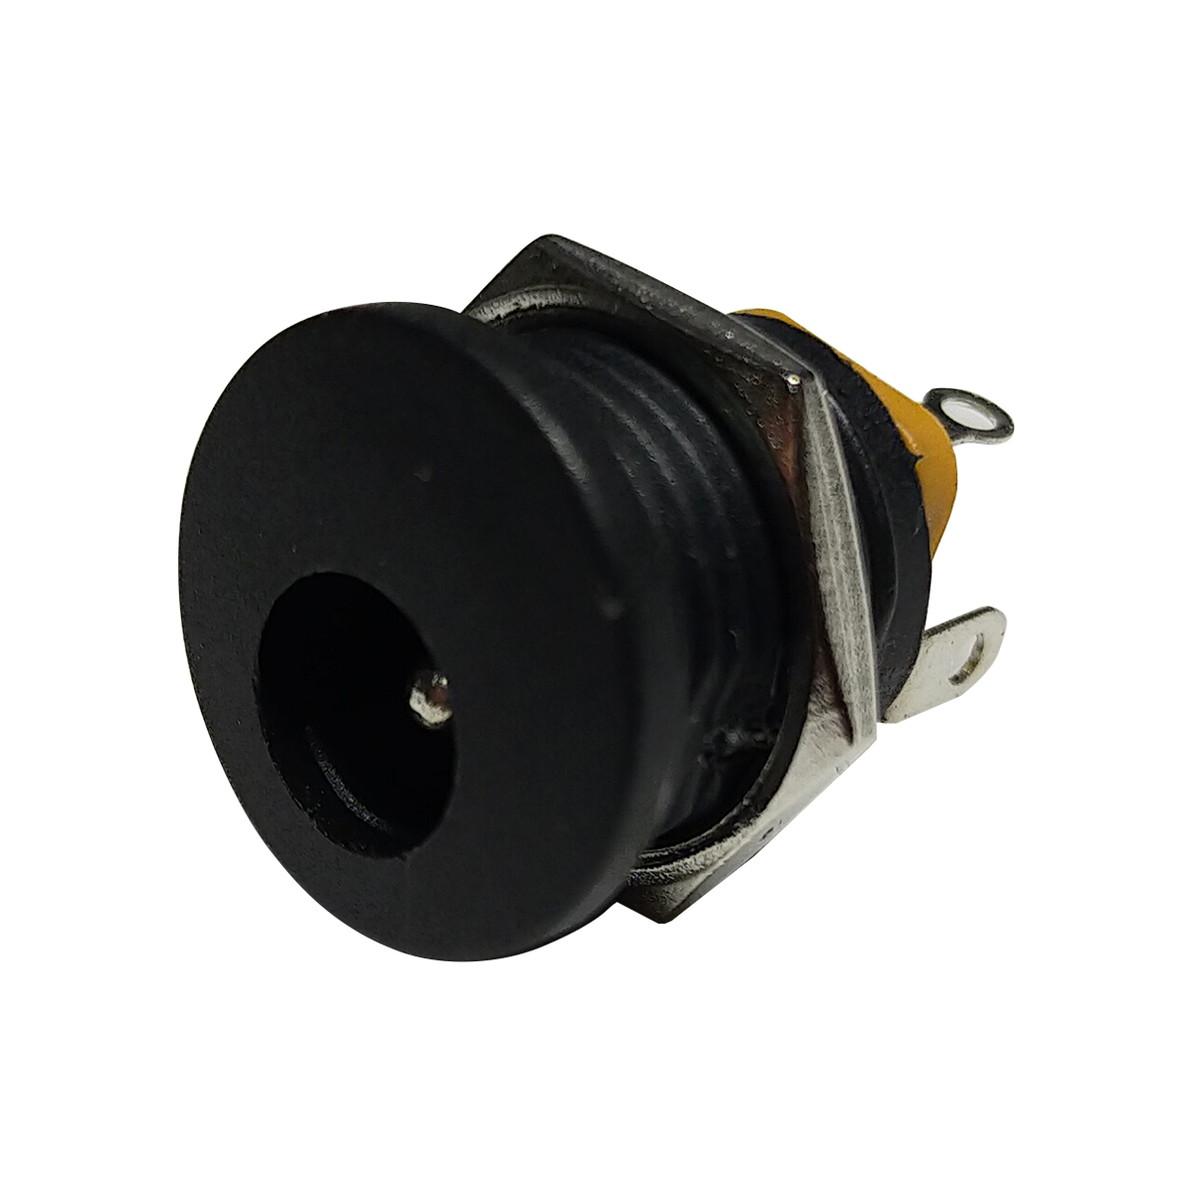 8996(50個) パネル取り付け型 DCジャック メス(13.7mm) 5.5-2.1mm対応